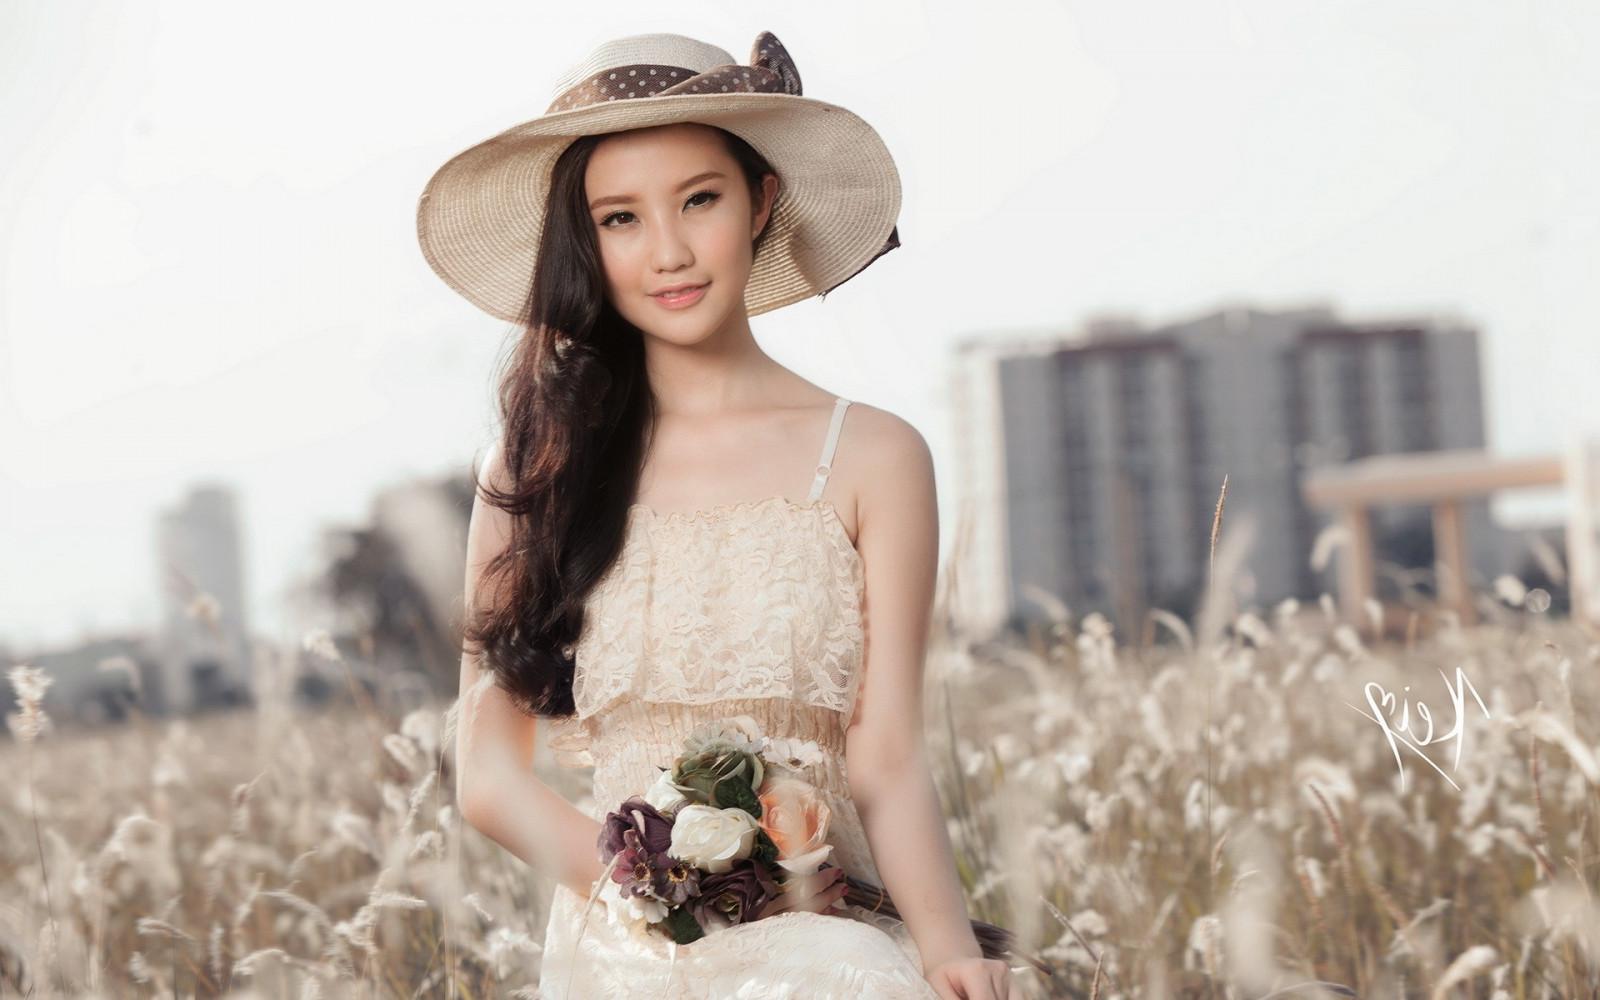 Asiatisch Im Freien